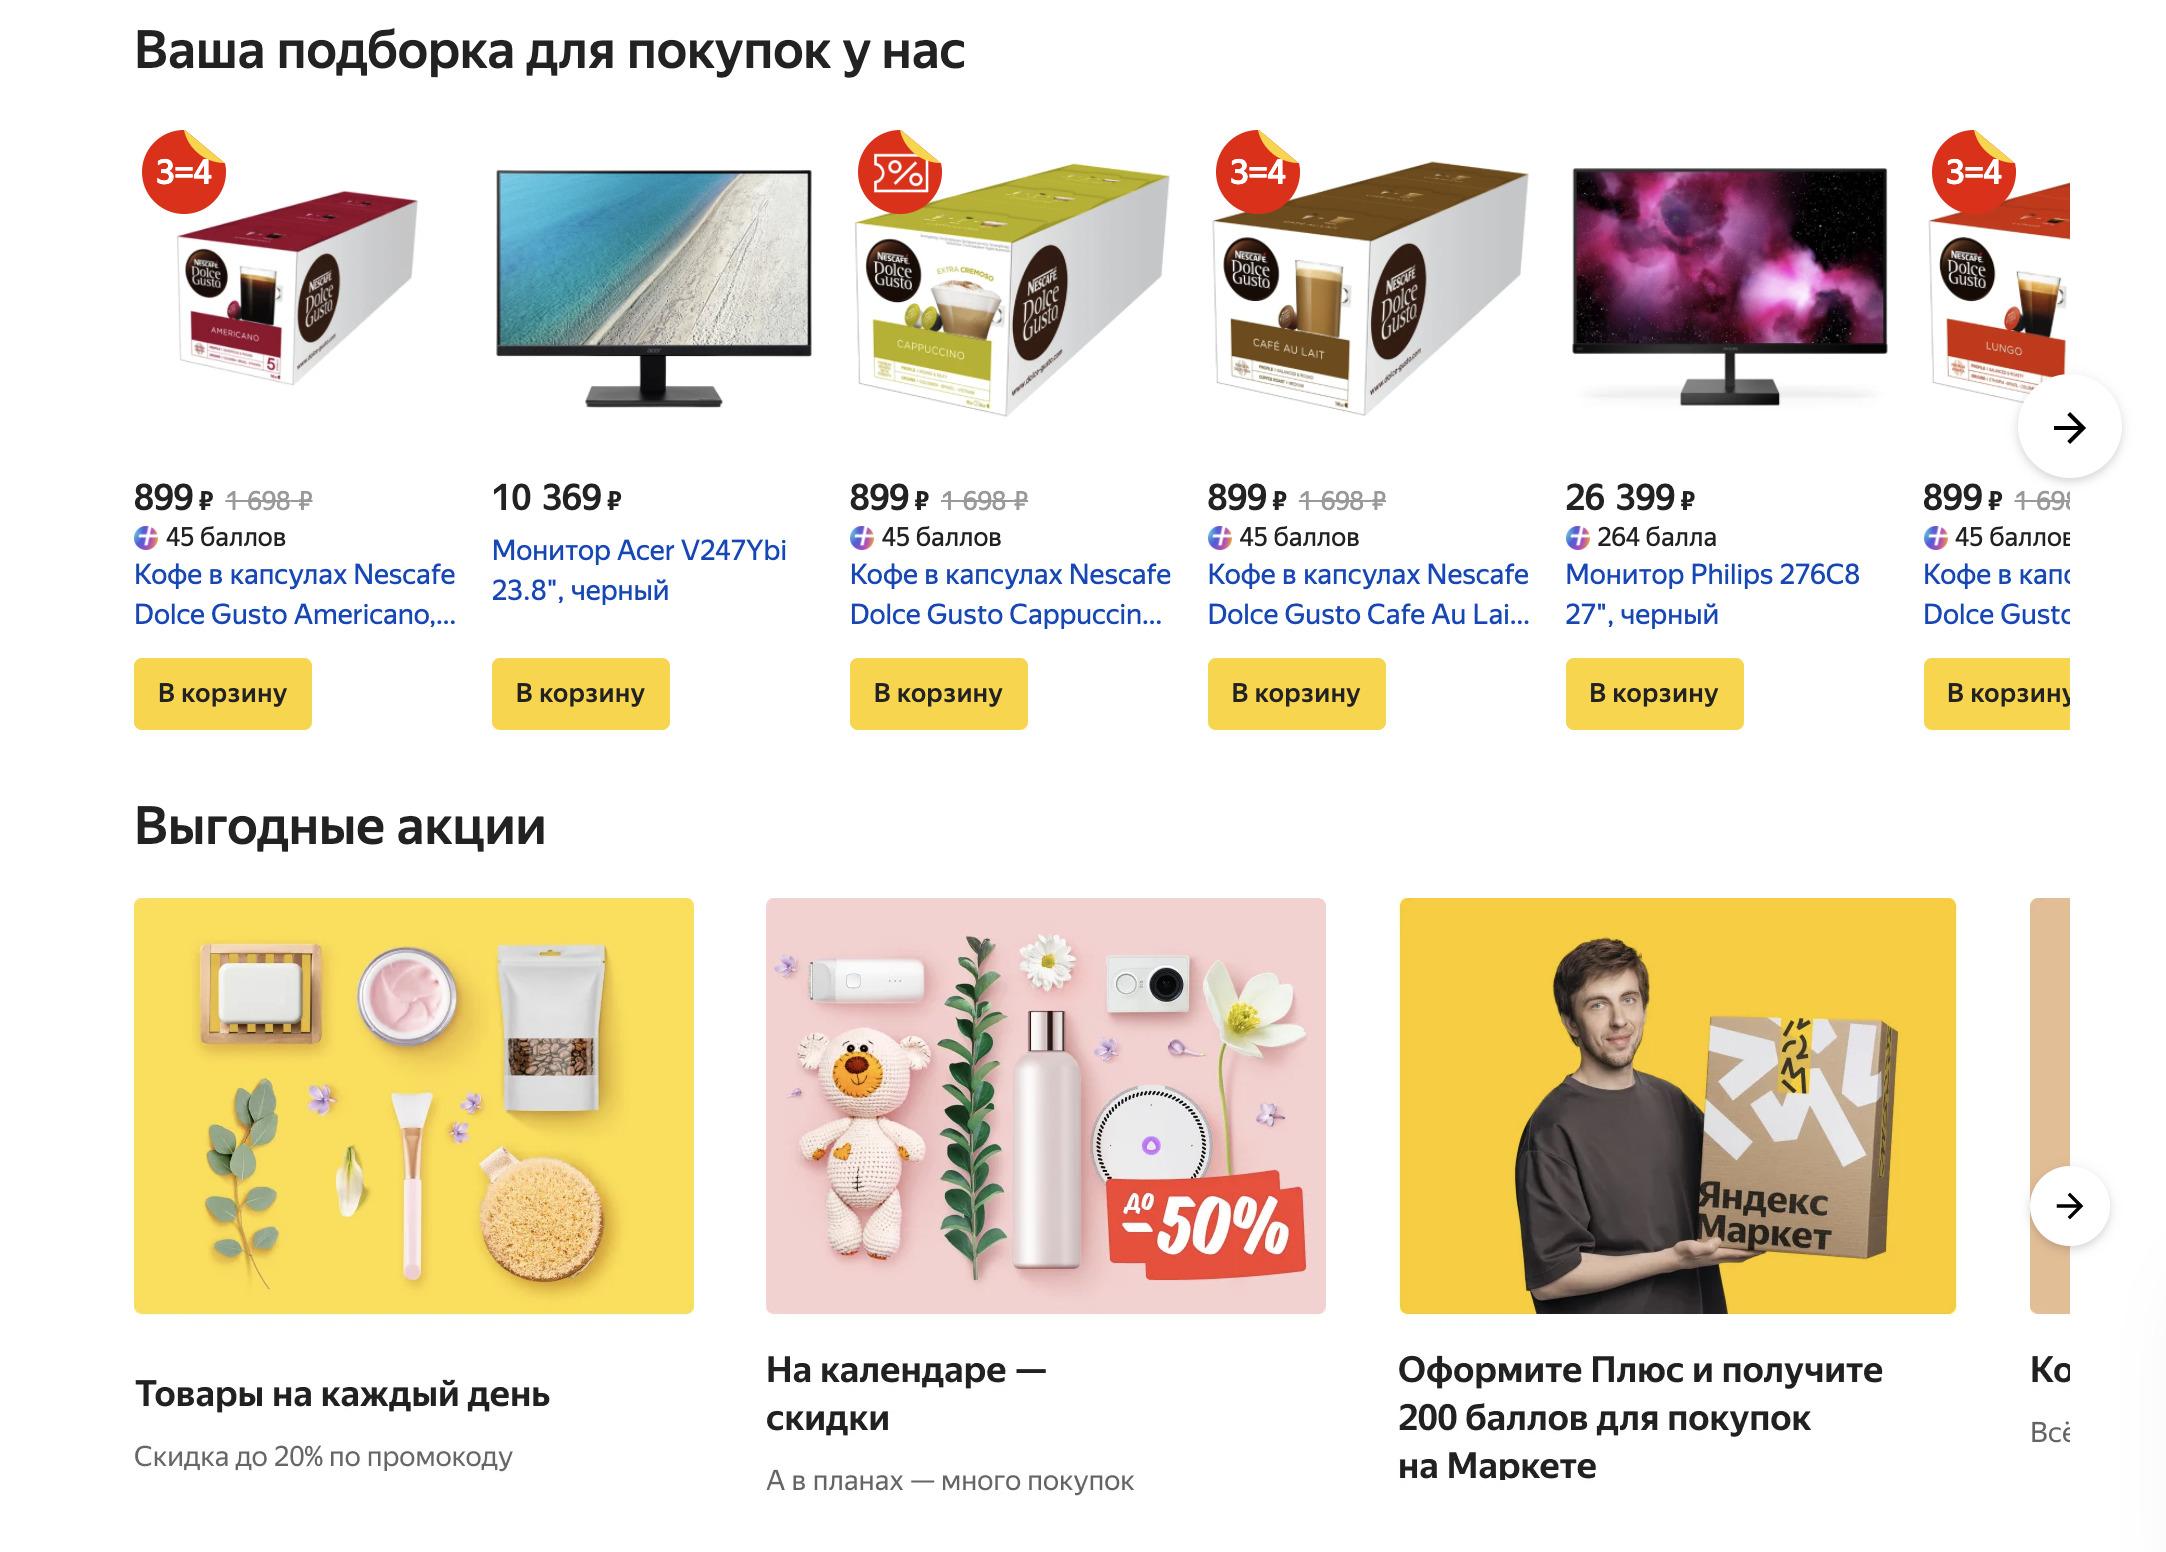 Доставка из Яндекс.Маркет в Чеченскую Республику, сроки, пункты выдачи, каталог